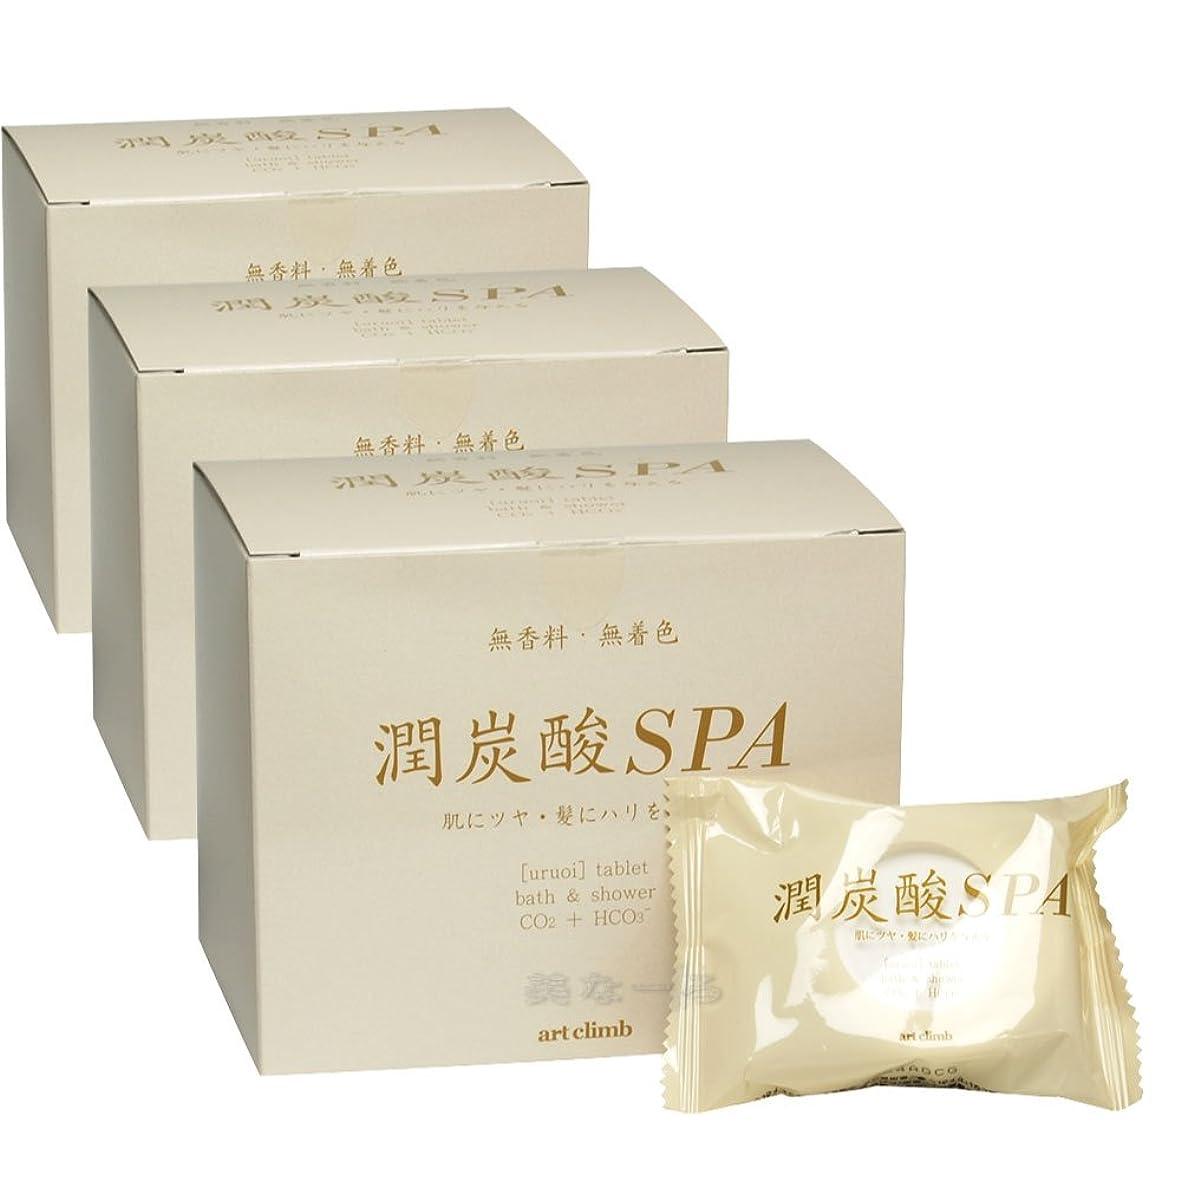 処理パイプ醸造所潤炭酸SPA(うるおい炭酸SPA) 60g×10錠入 3個セット